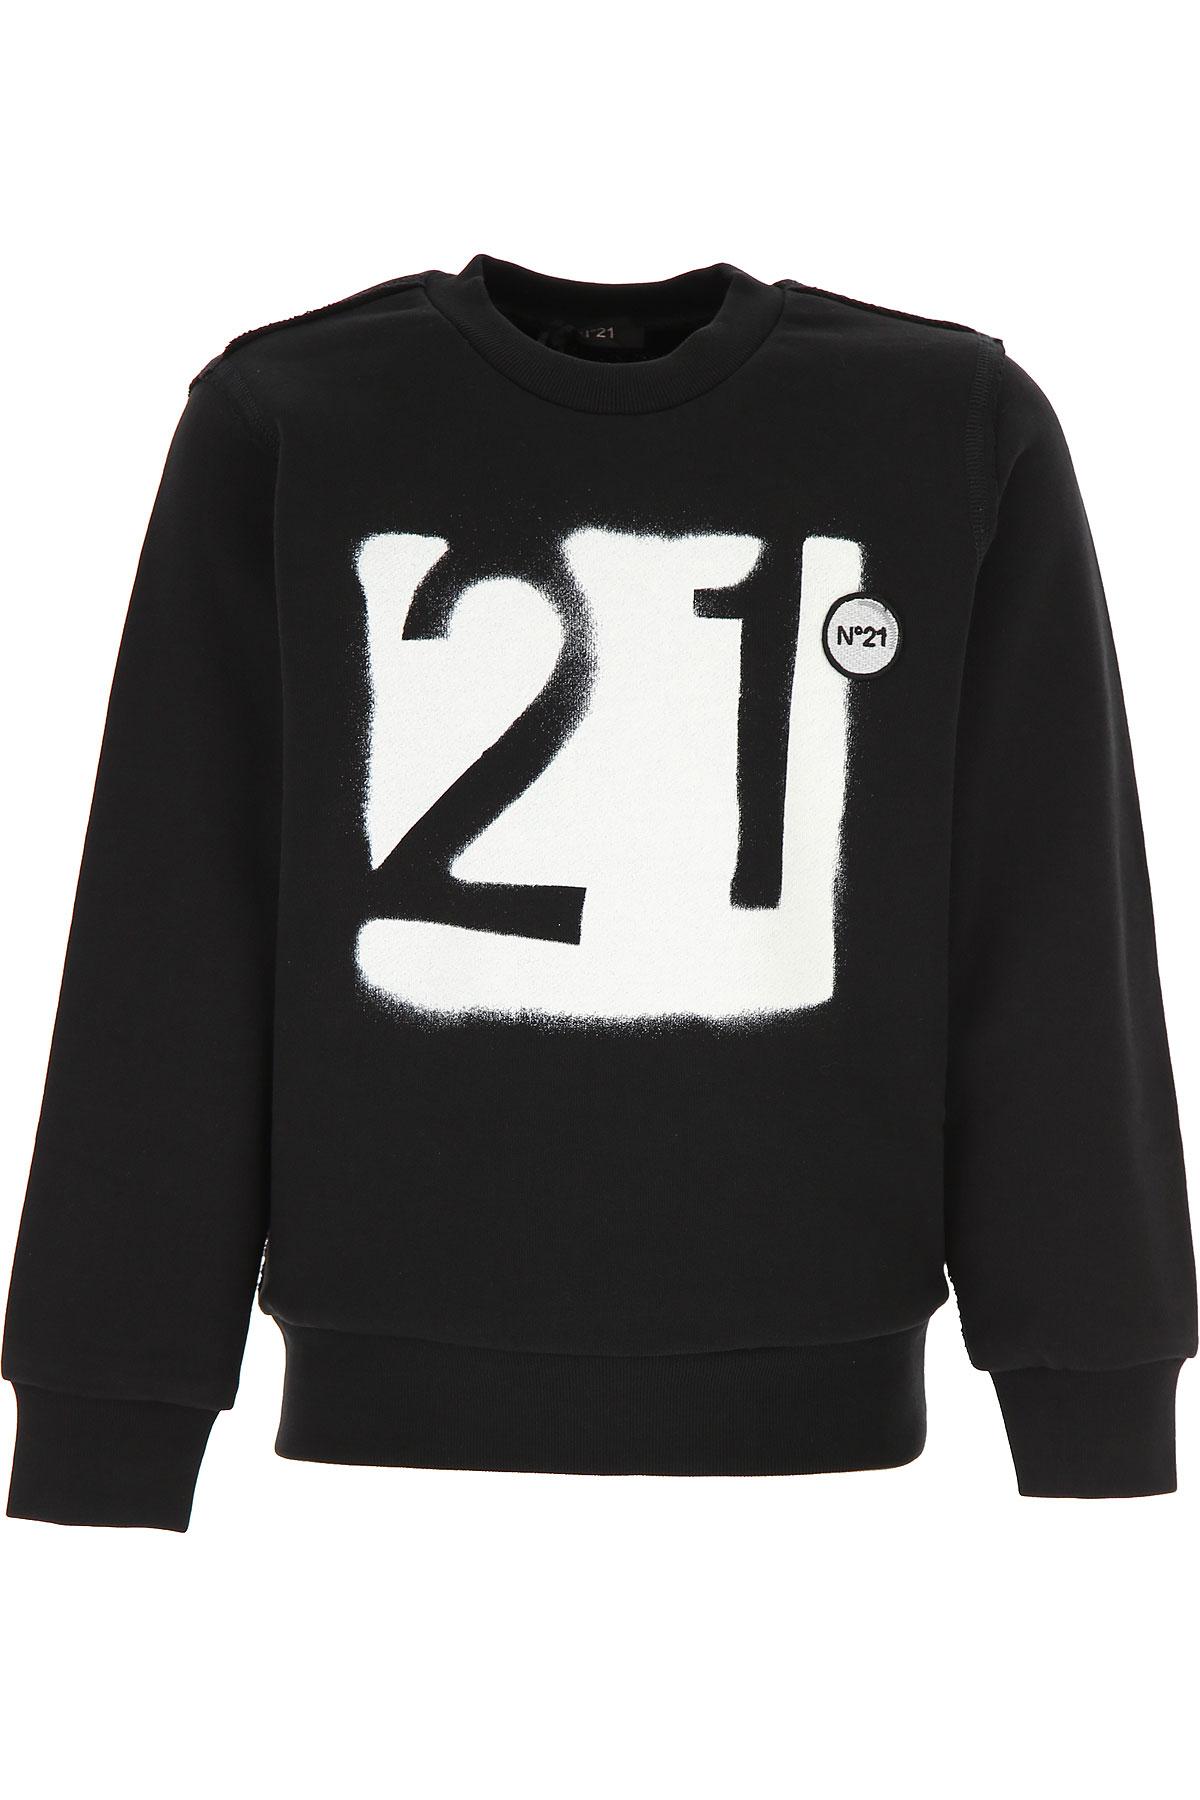 NO 21 Kids Sweatshirts & Hoodies for Boys On Sale, Black, Cotton, 2019, 10Y 14Y 4Y 6Y 8Y